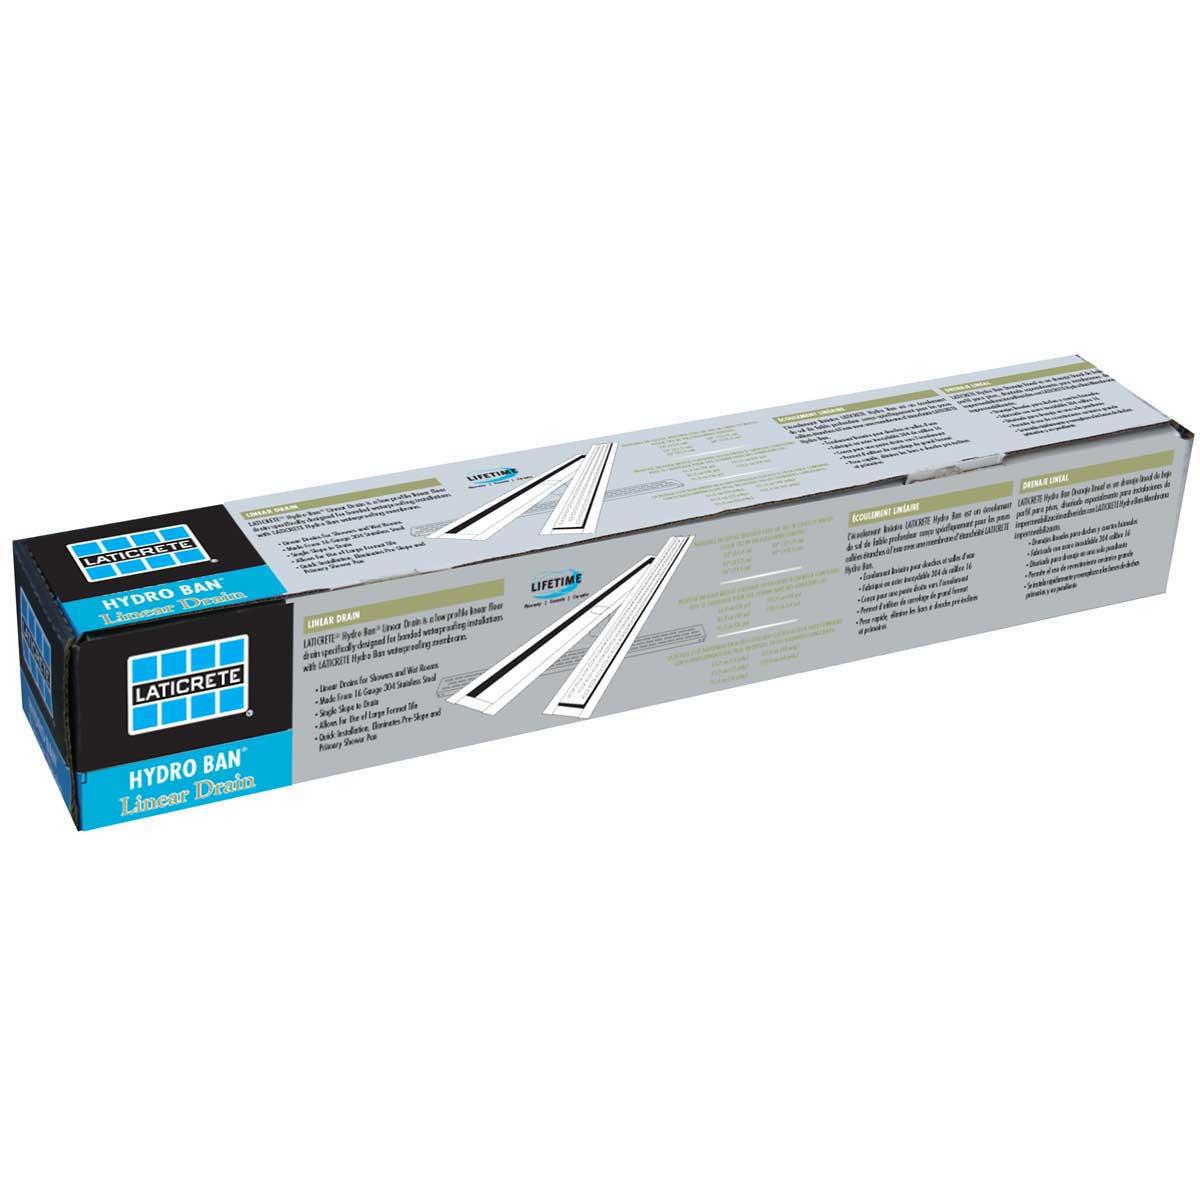 60 inch Laticrete Hydro Ban Linear Drain